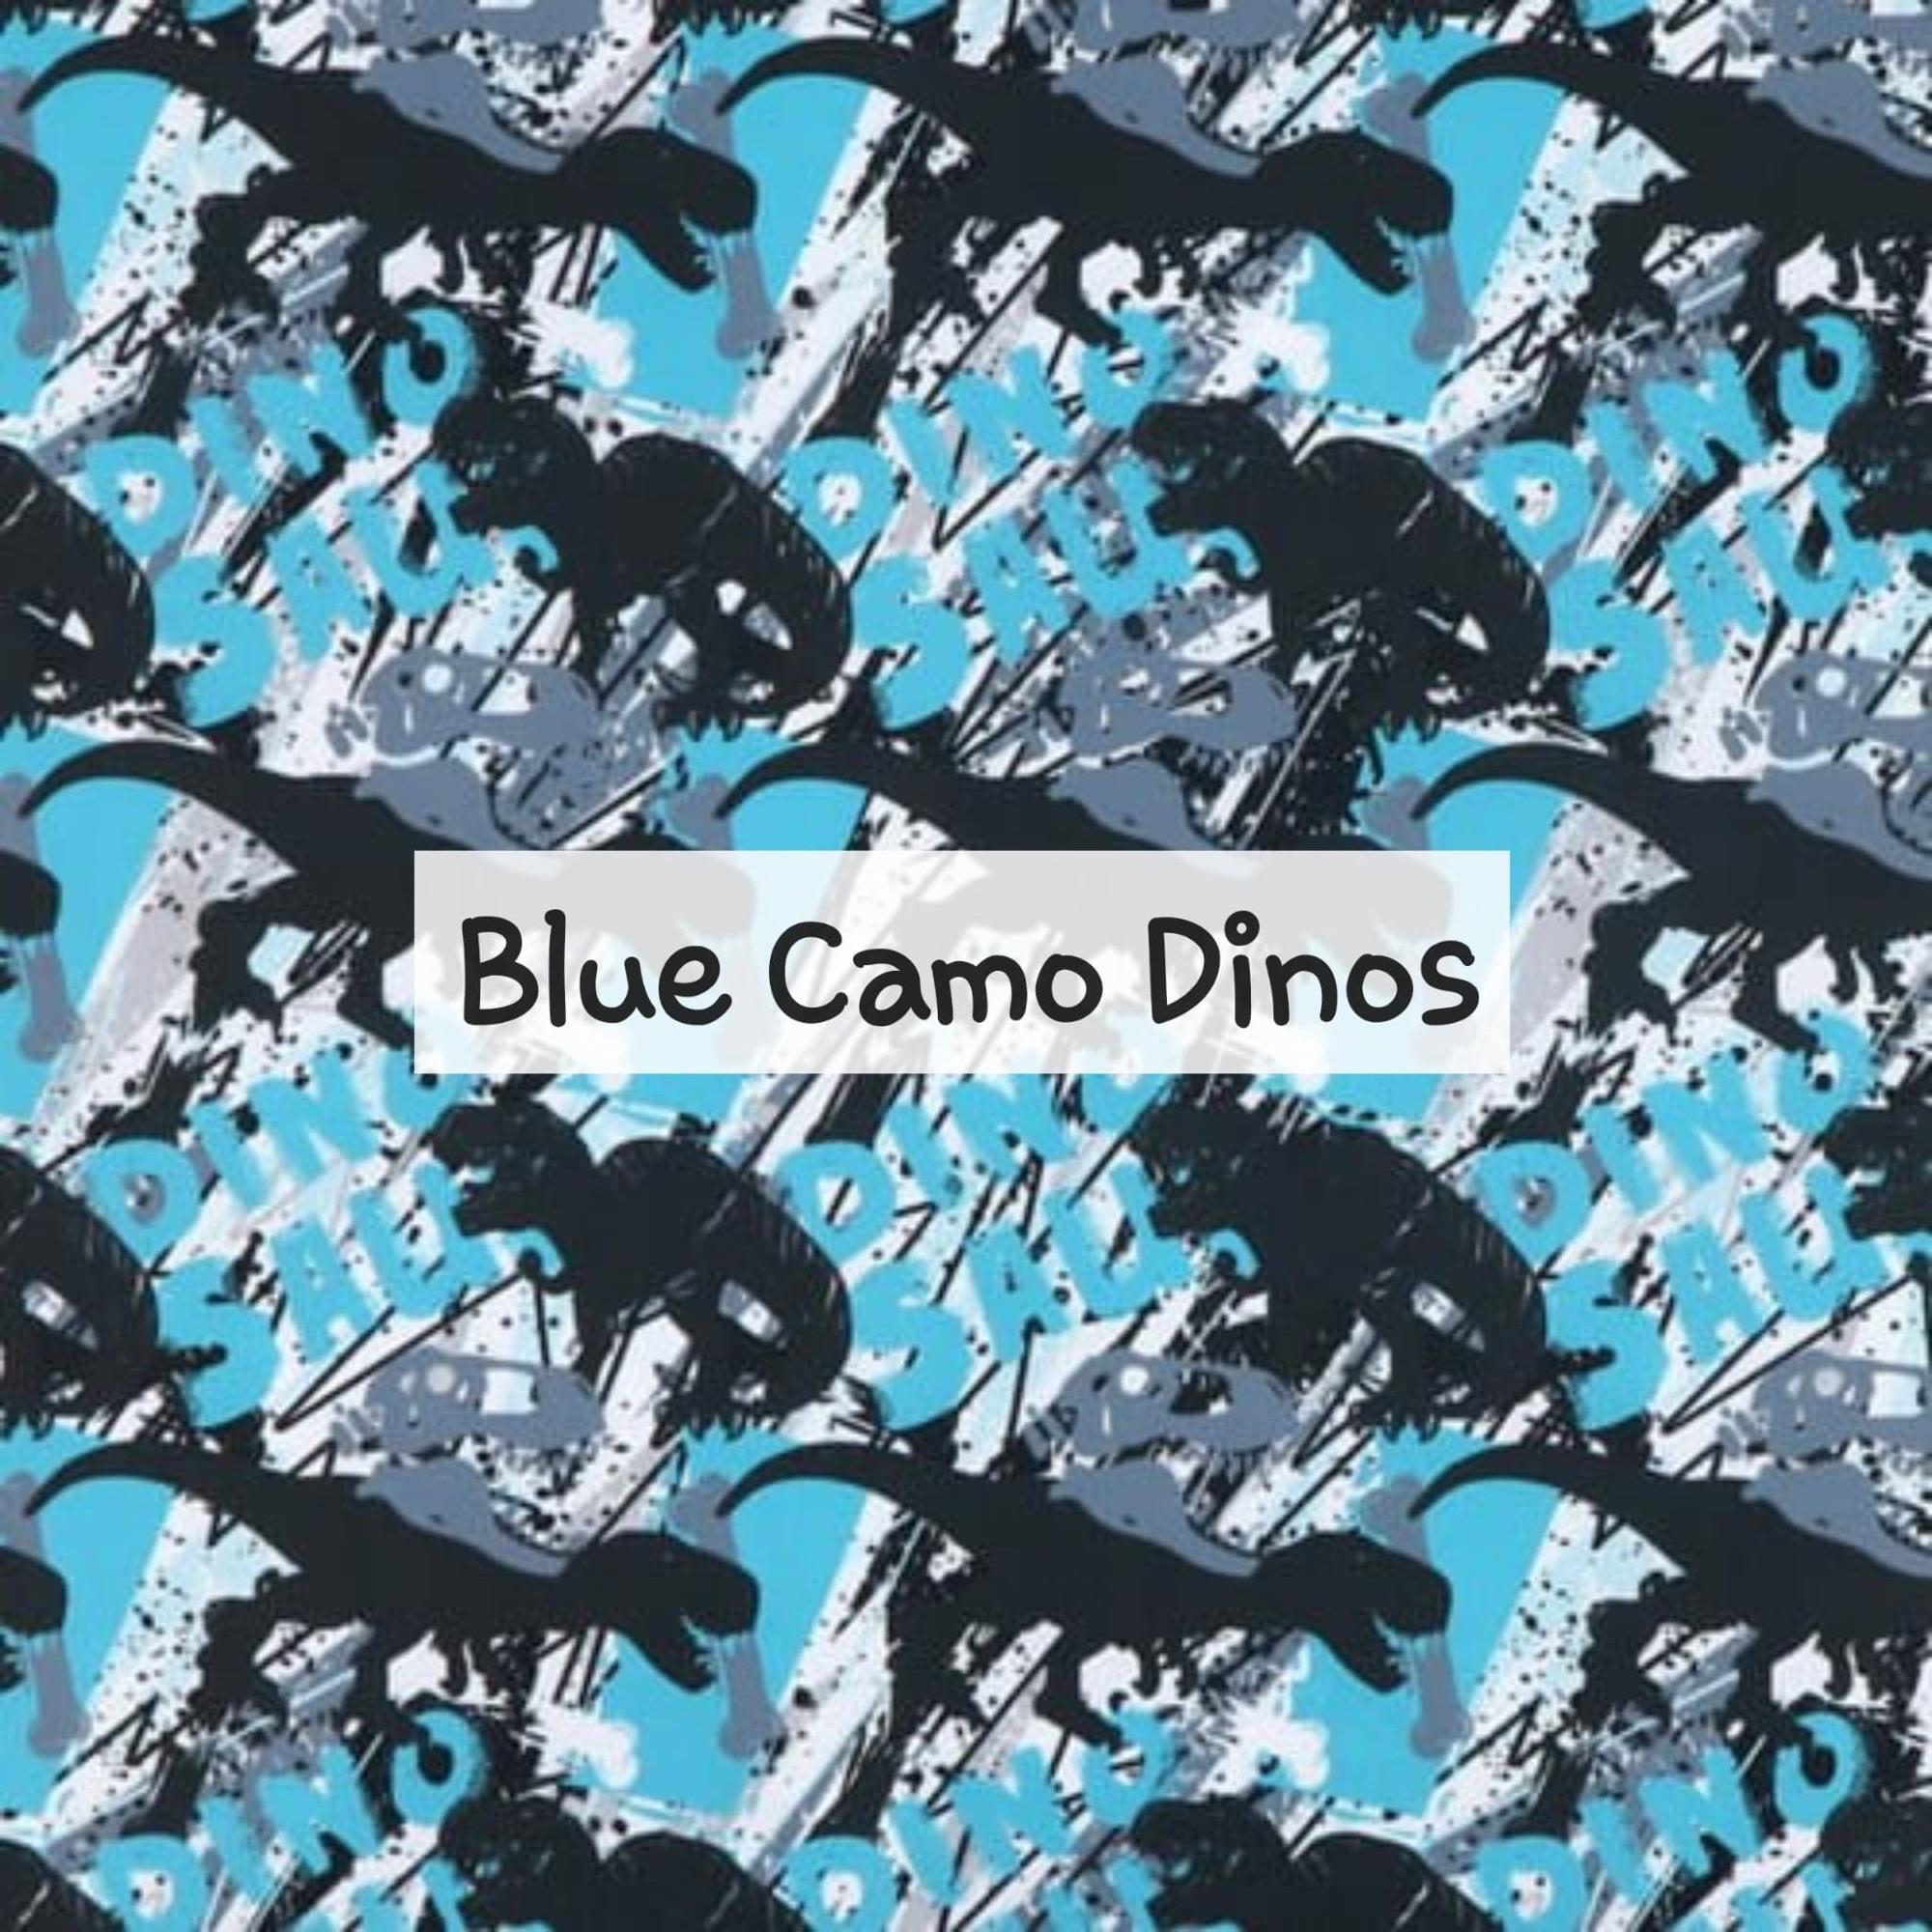 Blue Camo Dinos